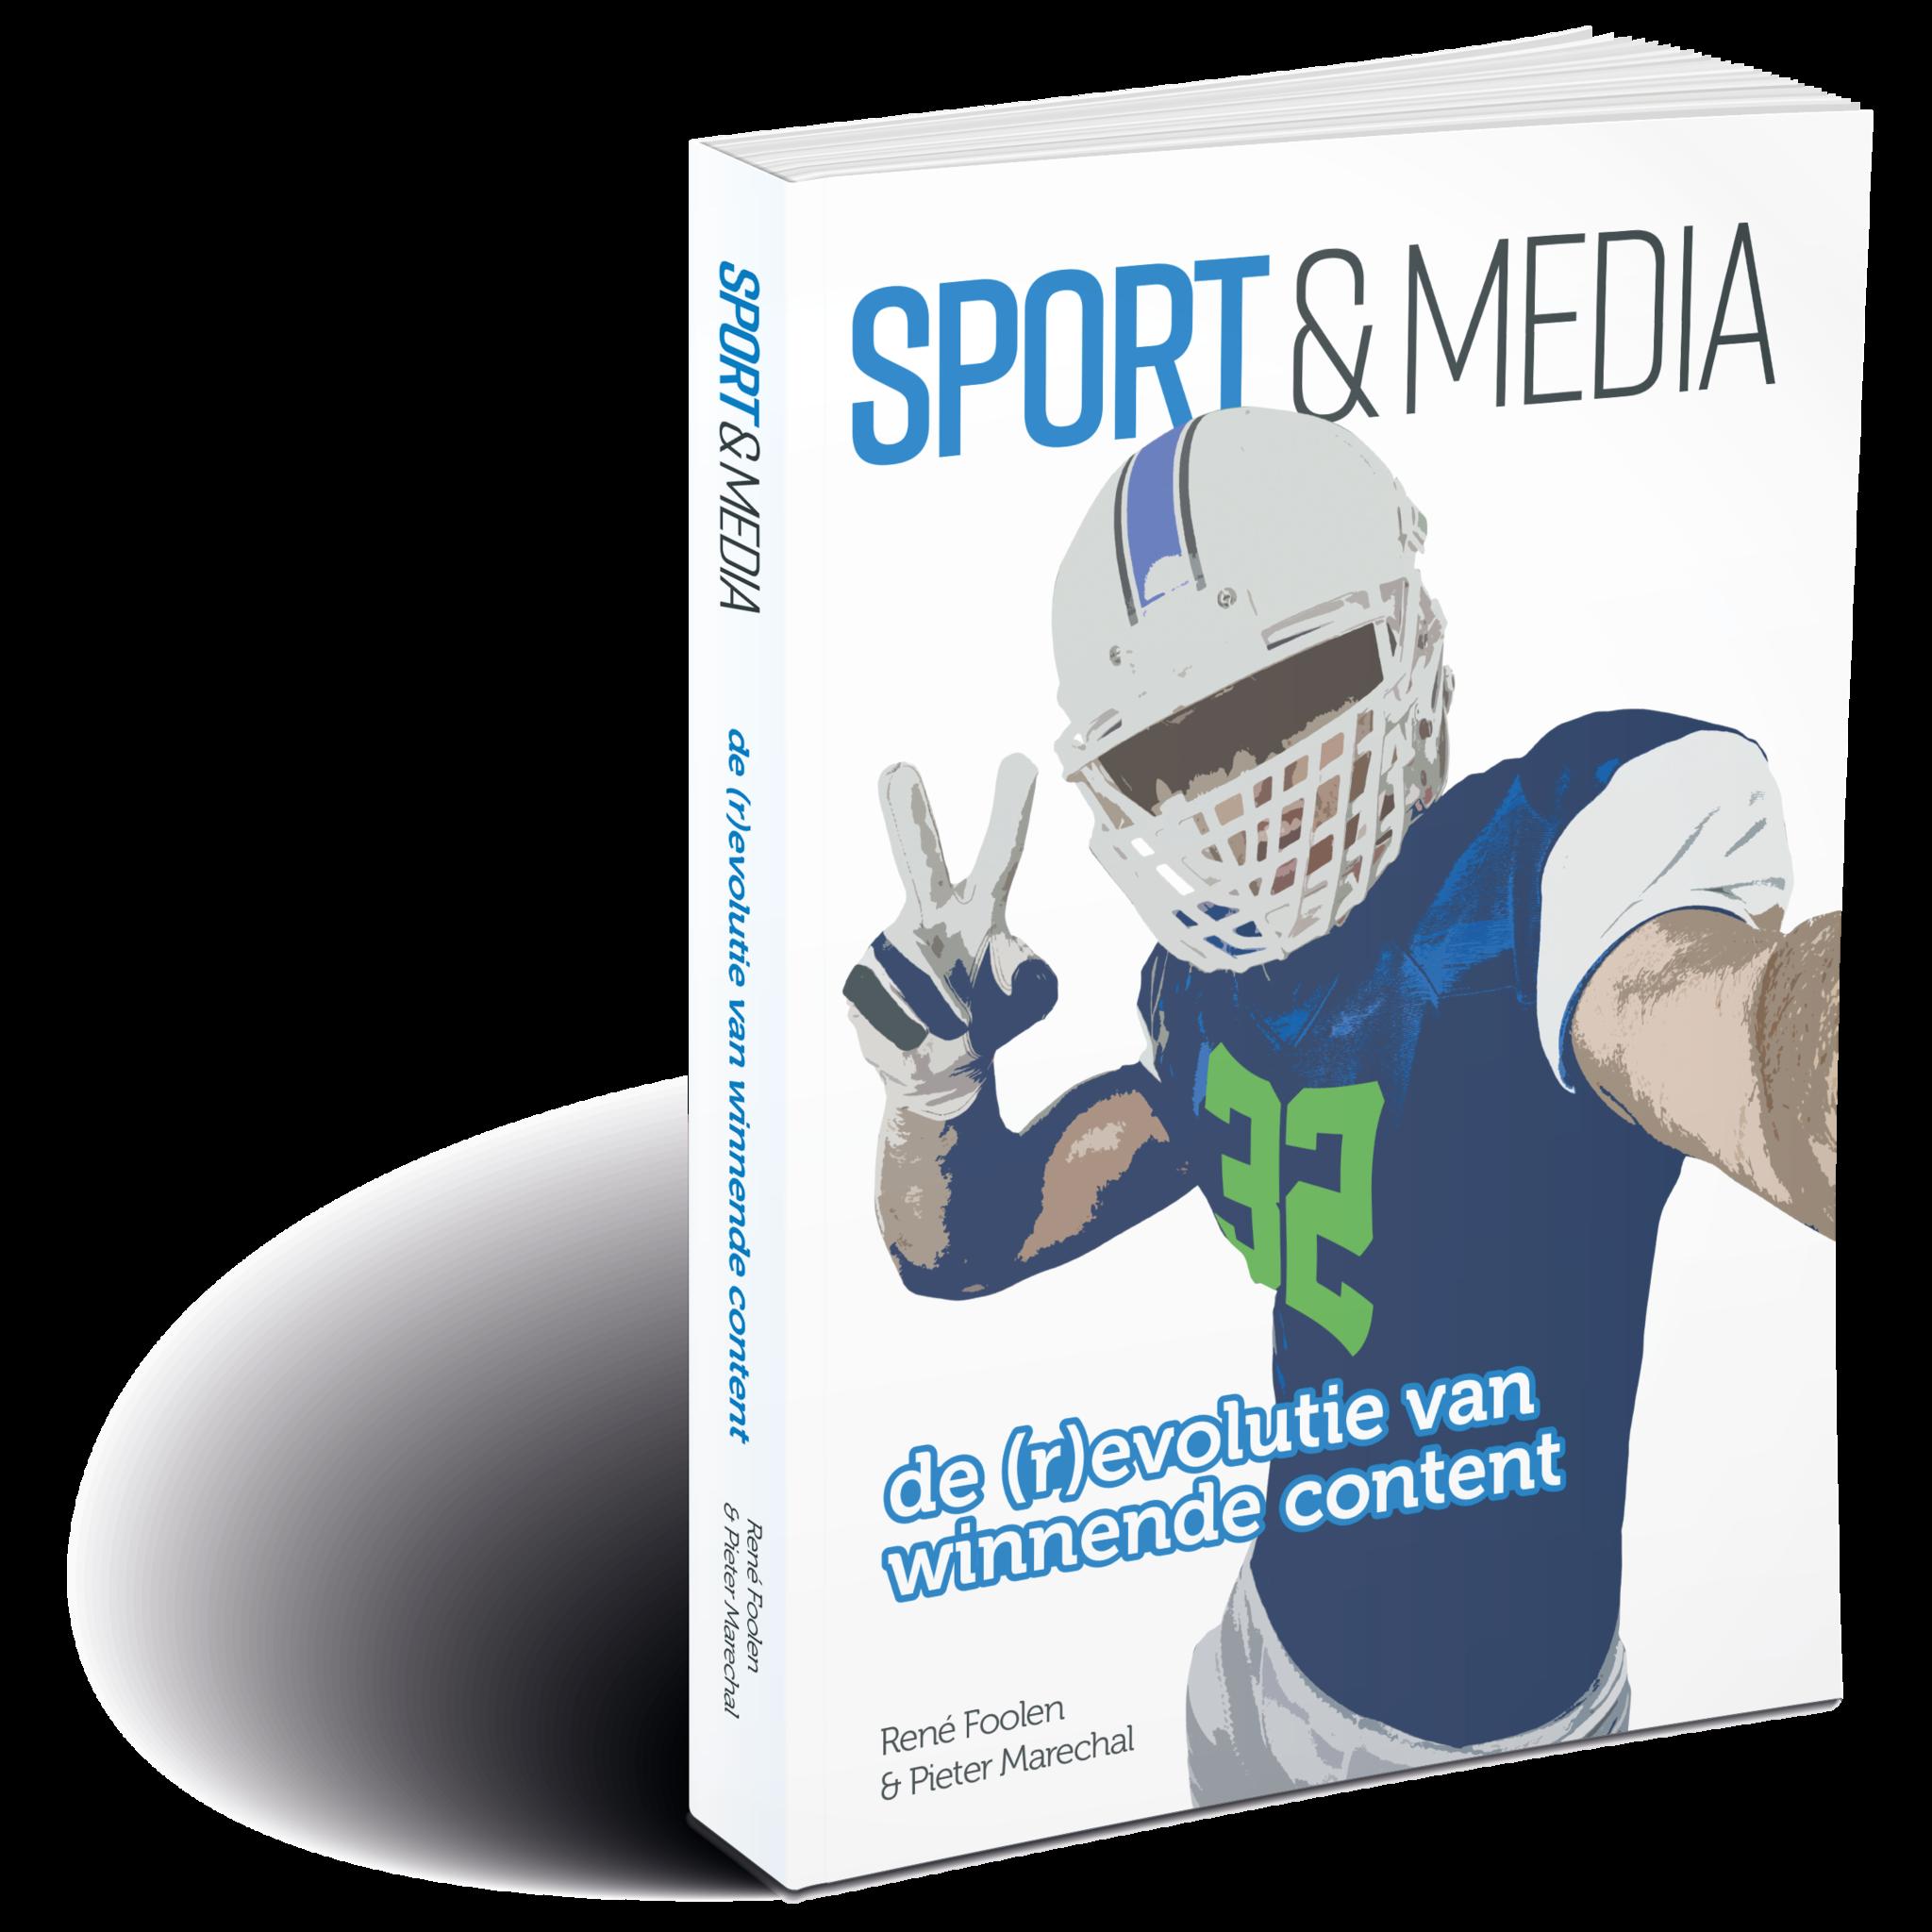 Sport & media: de (r)evolutie van winnende content